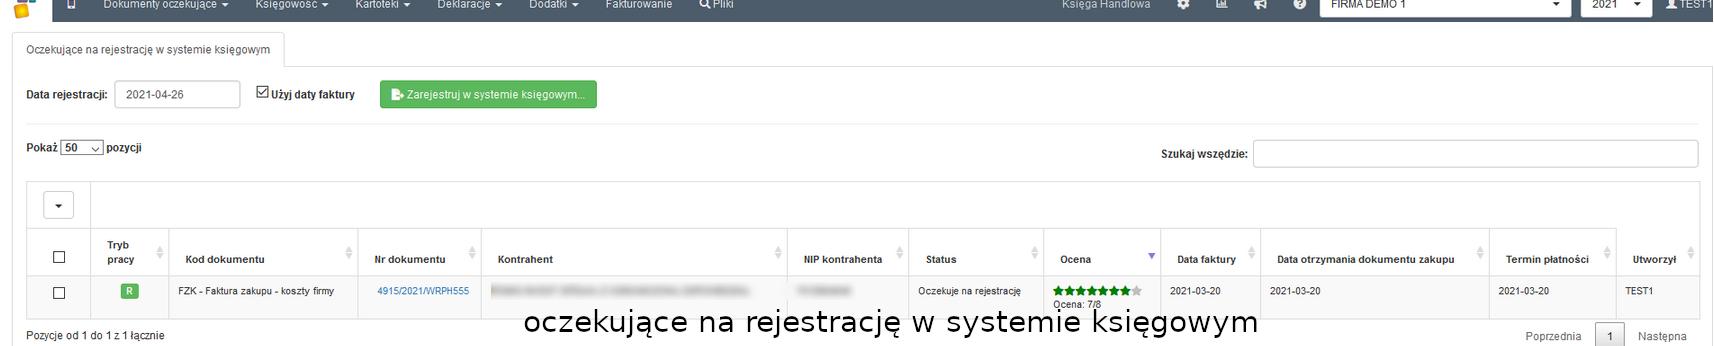 oczekujące_na_rejestracje_erp (1)